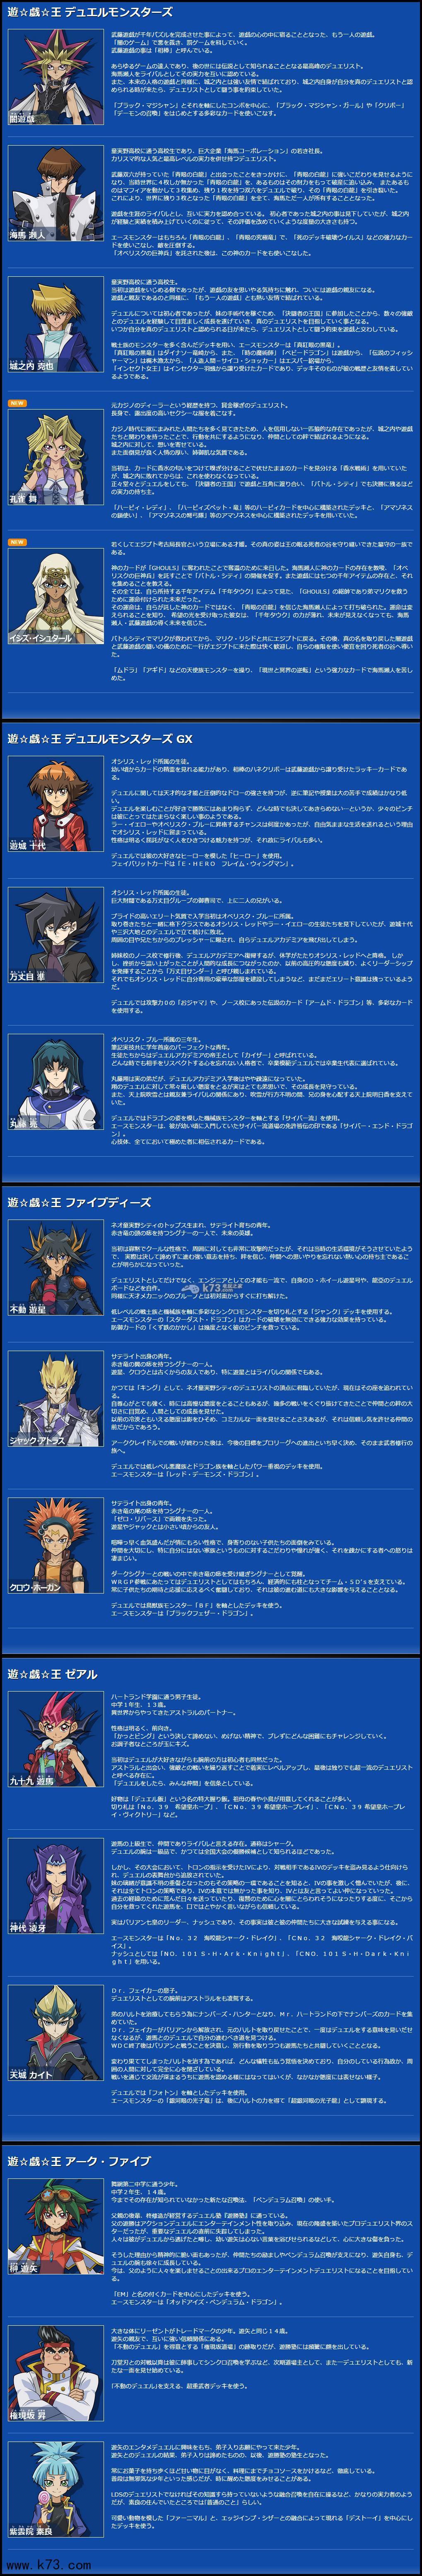 《游戏王ARC-V卡片力量sp》可继承前作存档